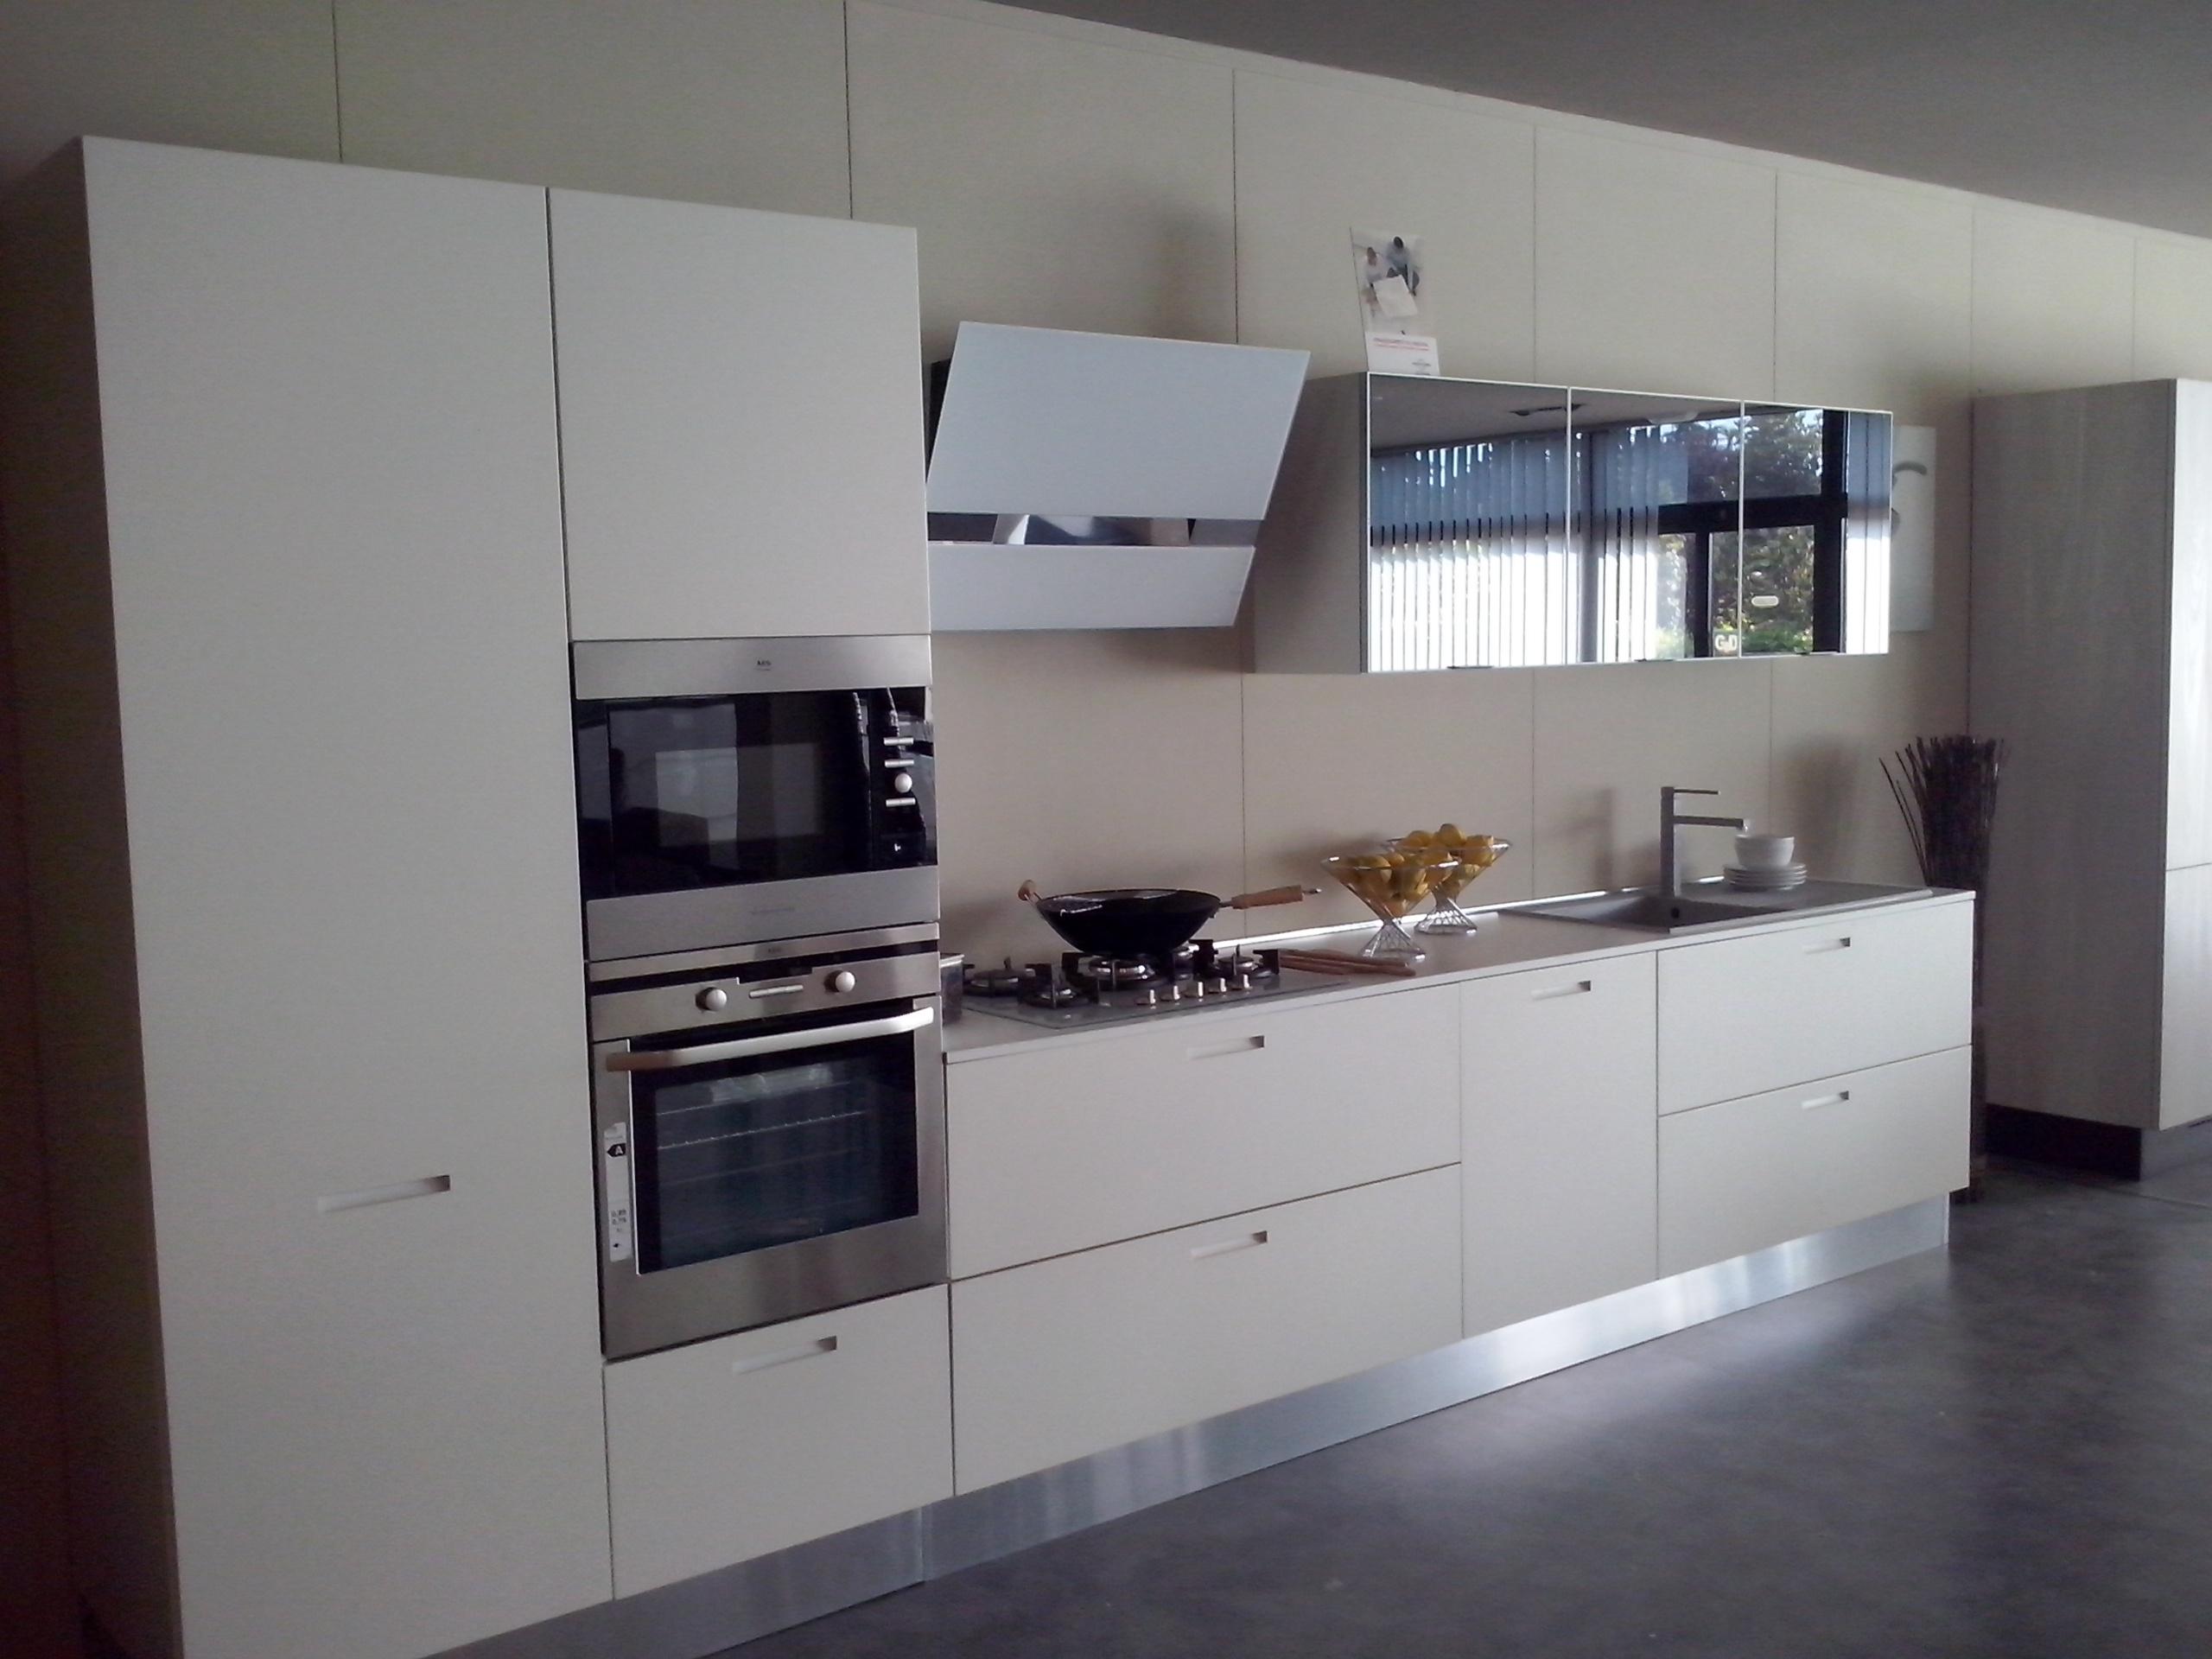 Cucina valdesign cucine cucina laccata bianco opaco con - Cucine senza elettrodomestici ...